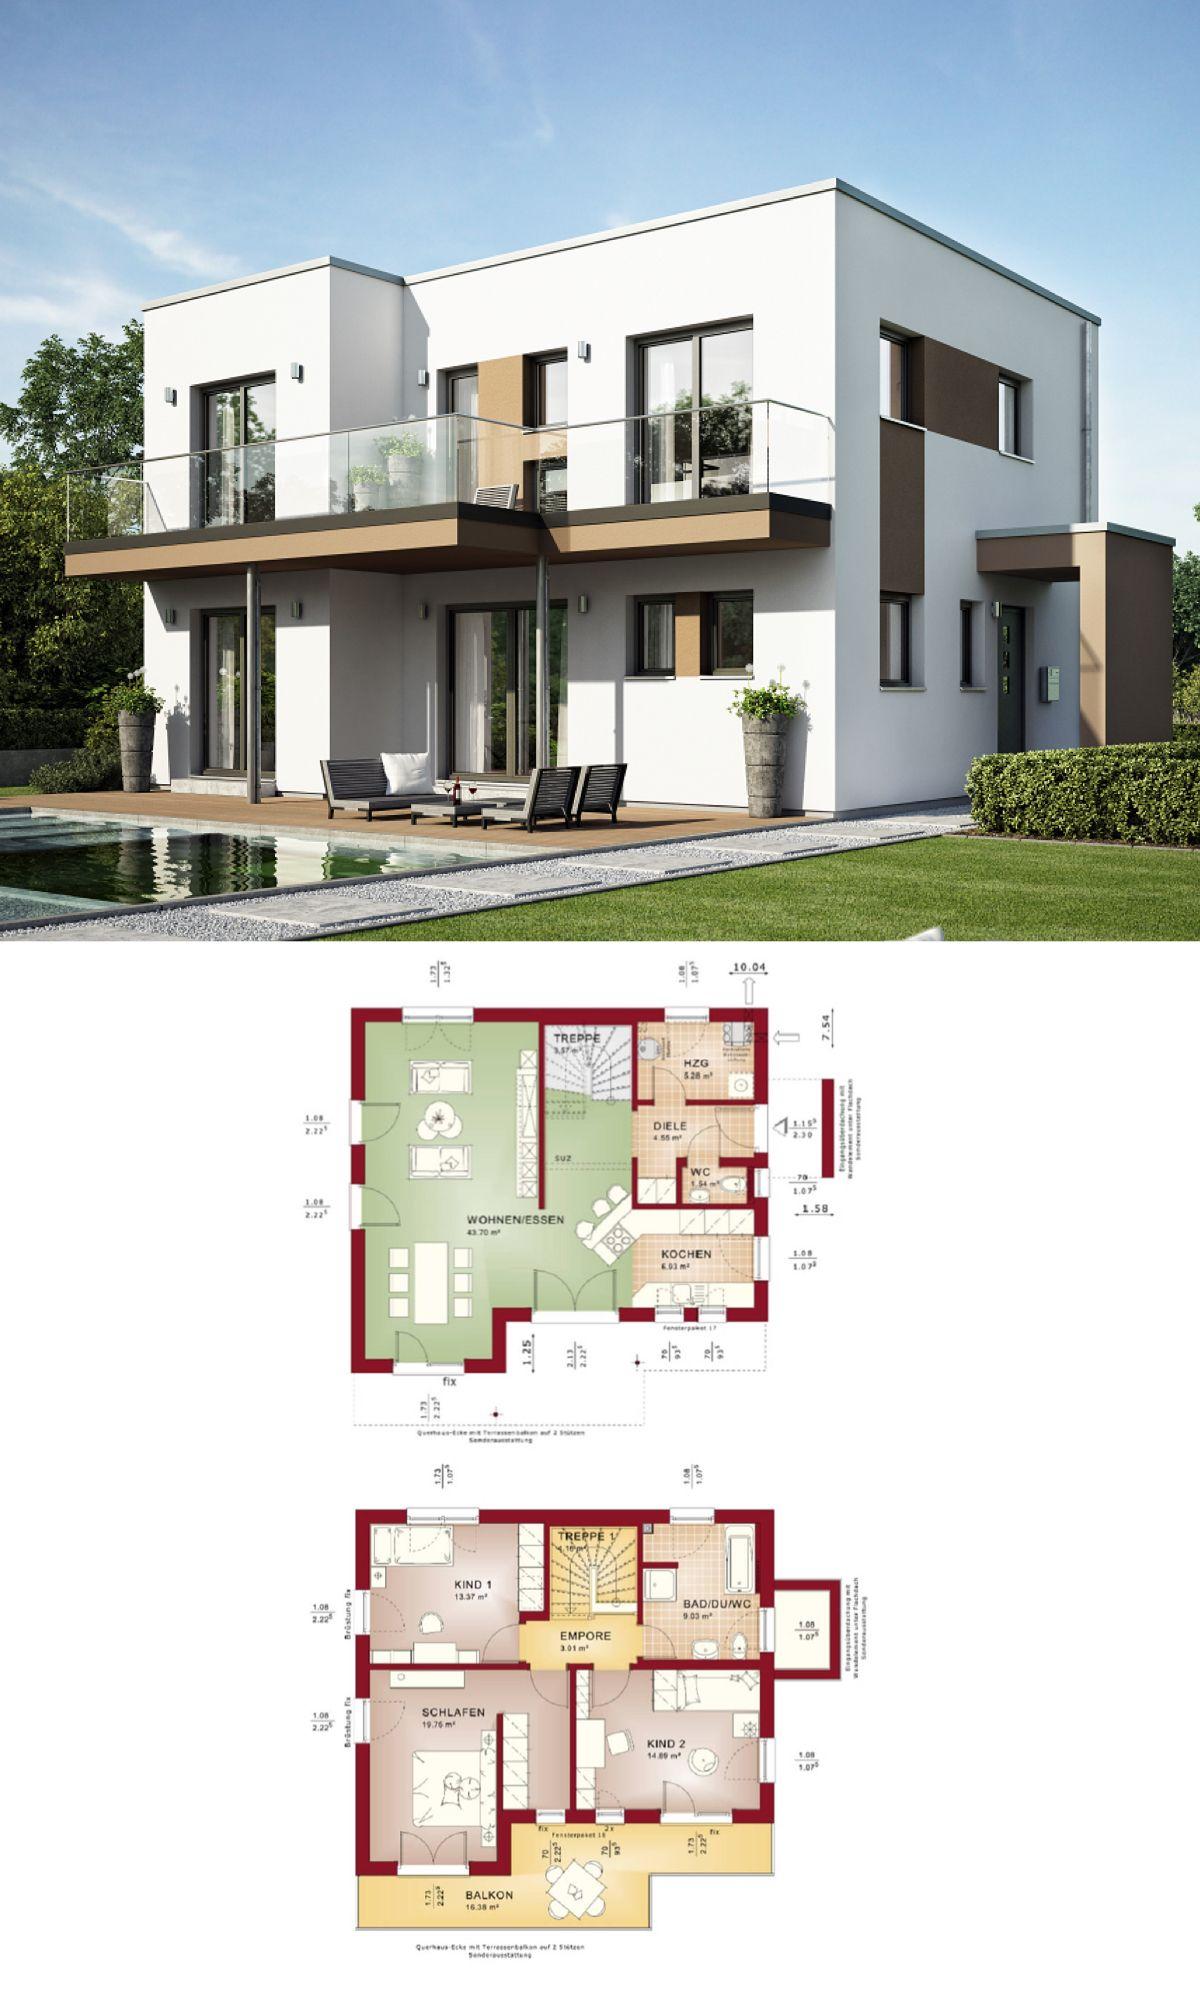 Stadtvilla bauhausstil grundriss haus evolution  bien zenker ideen hausbaudirekt also bungalow modern ebenerdig mit walmdach architektur bauen rh pinterest